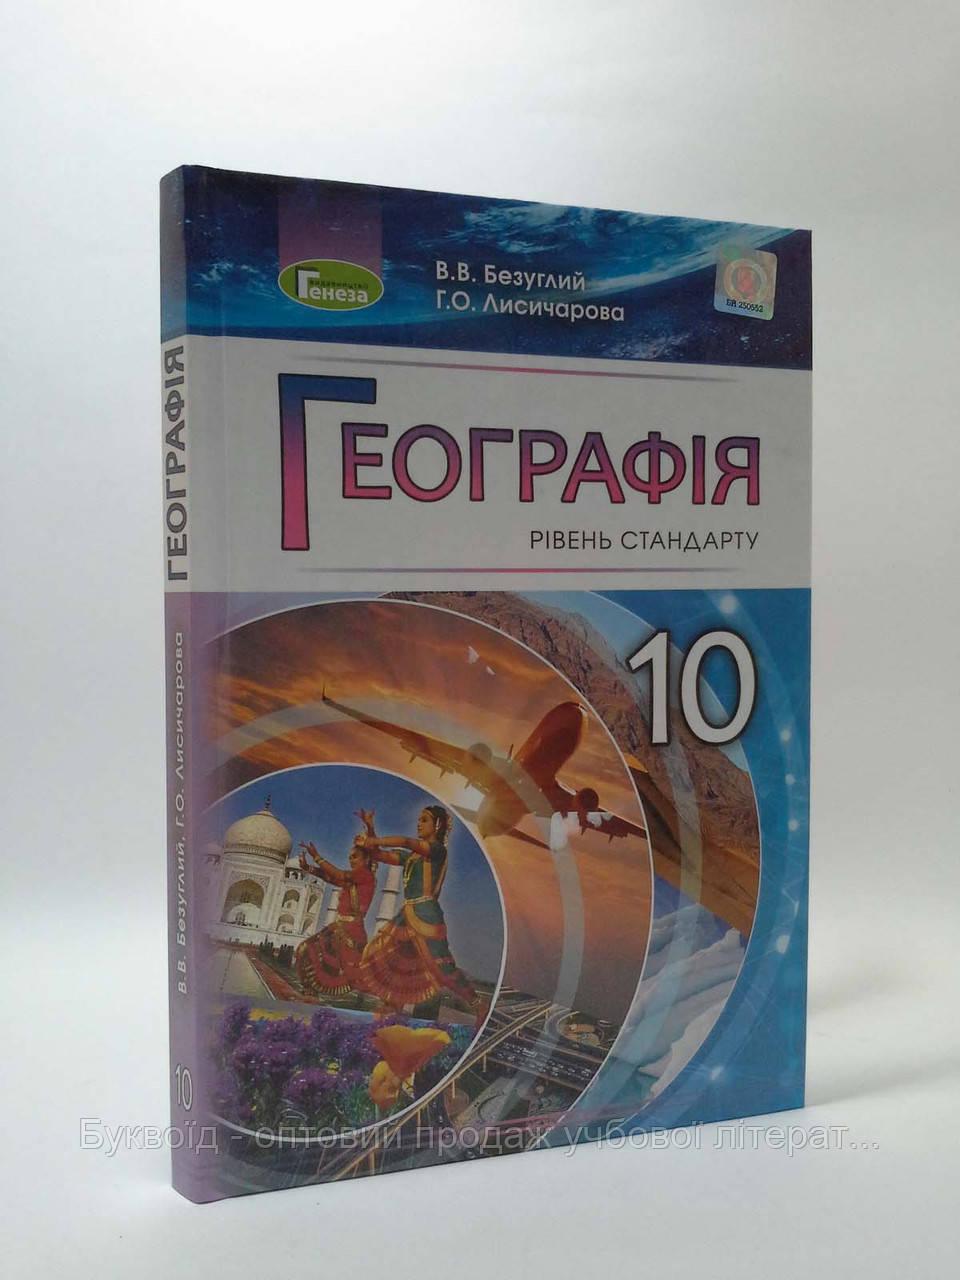 Географія 10 клас Підручник Безуглий Генеза ISBN 978-966-11-0913-0